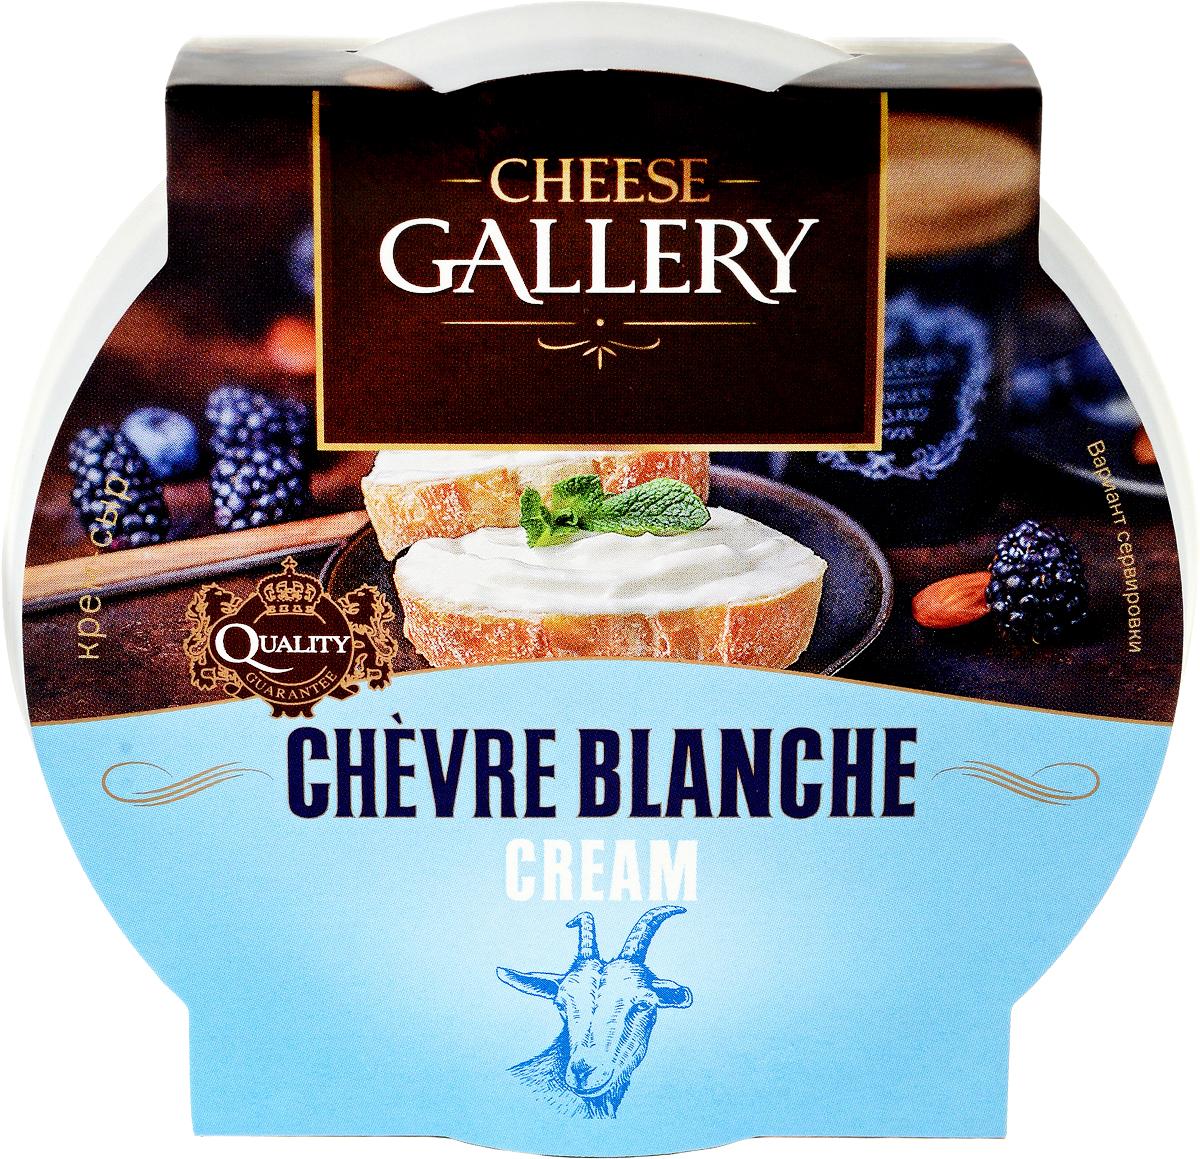 Cheese Gallery Chevre Blanche Крем-сыр, 150 г cheese gallery parmesan крем сыр 150 г